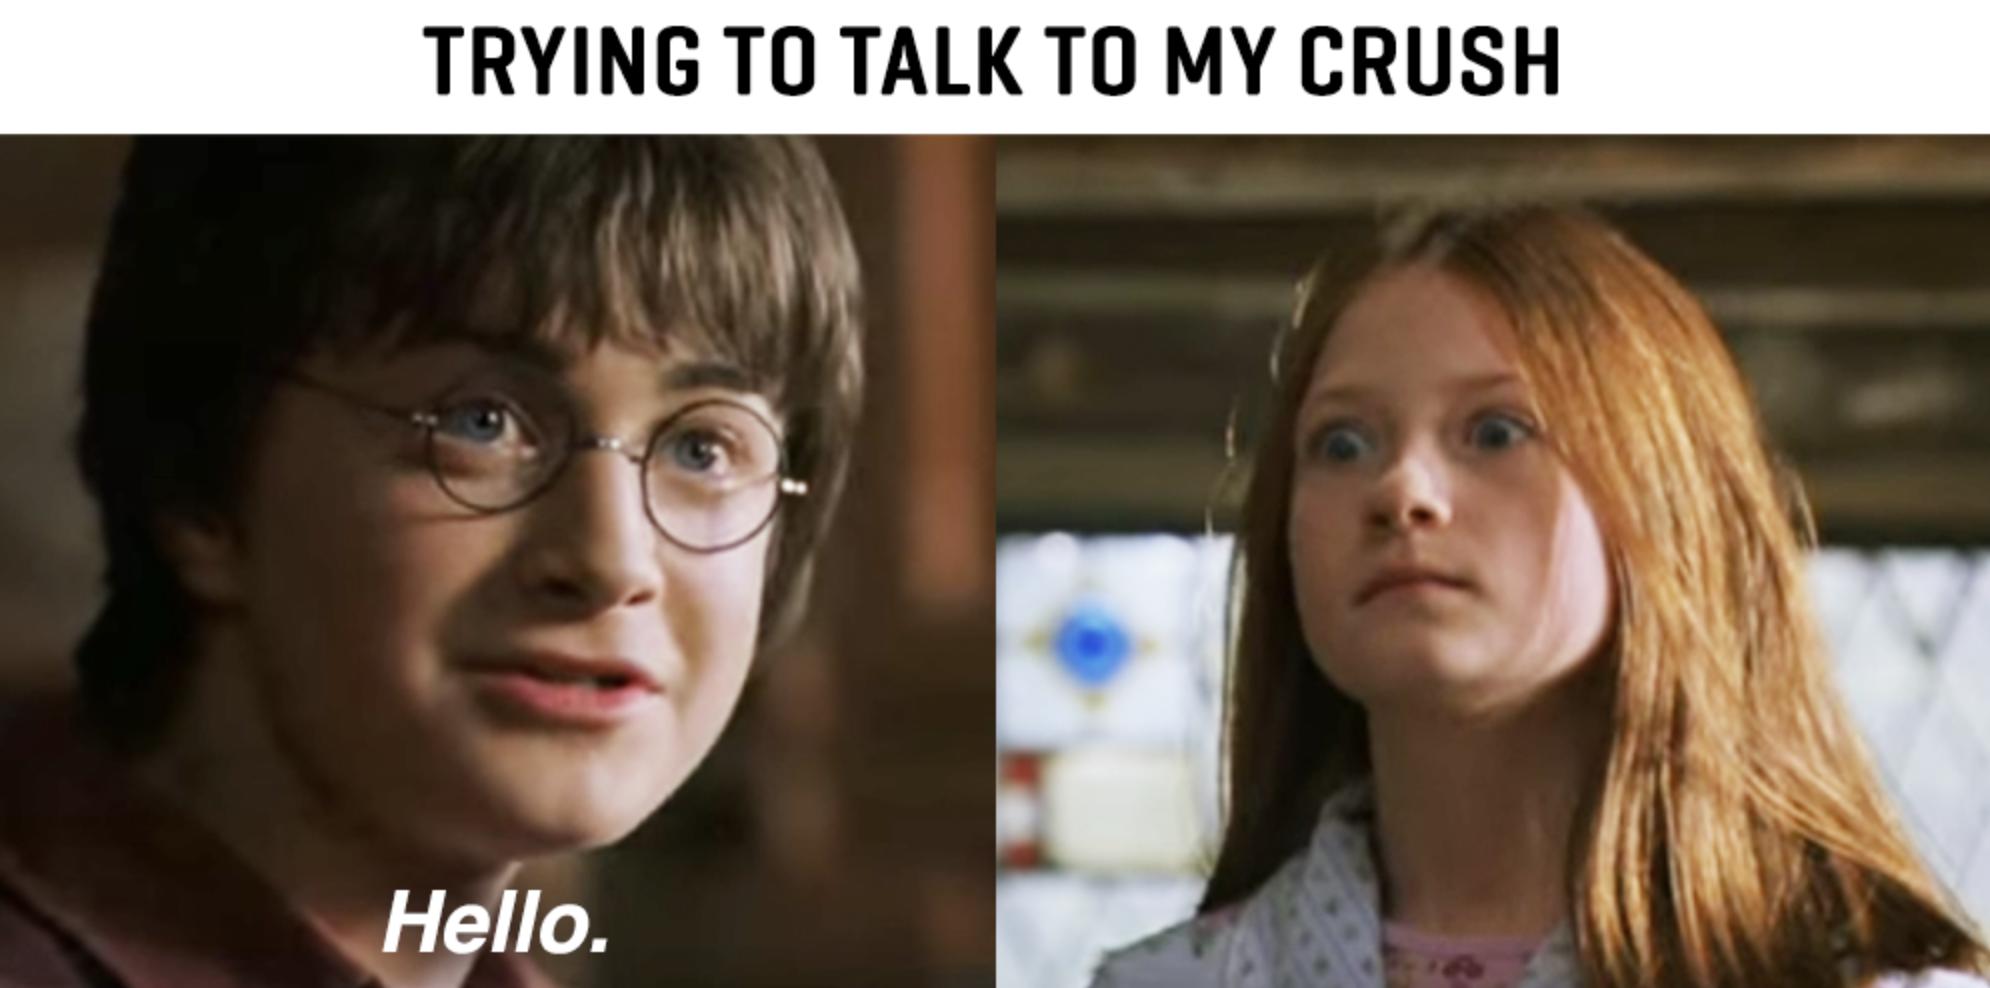 flirting moves that work for men meme jokes for women pictures